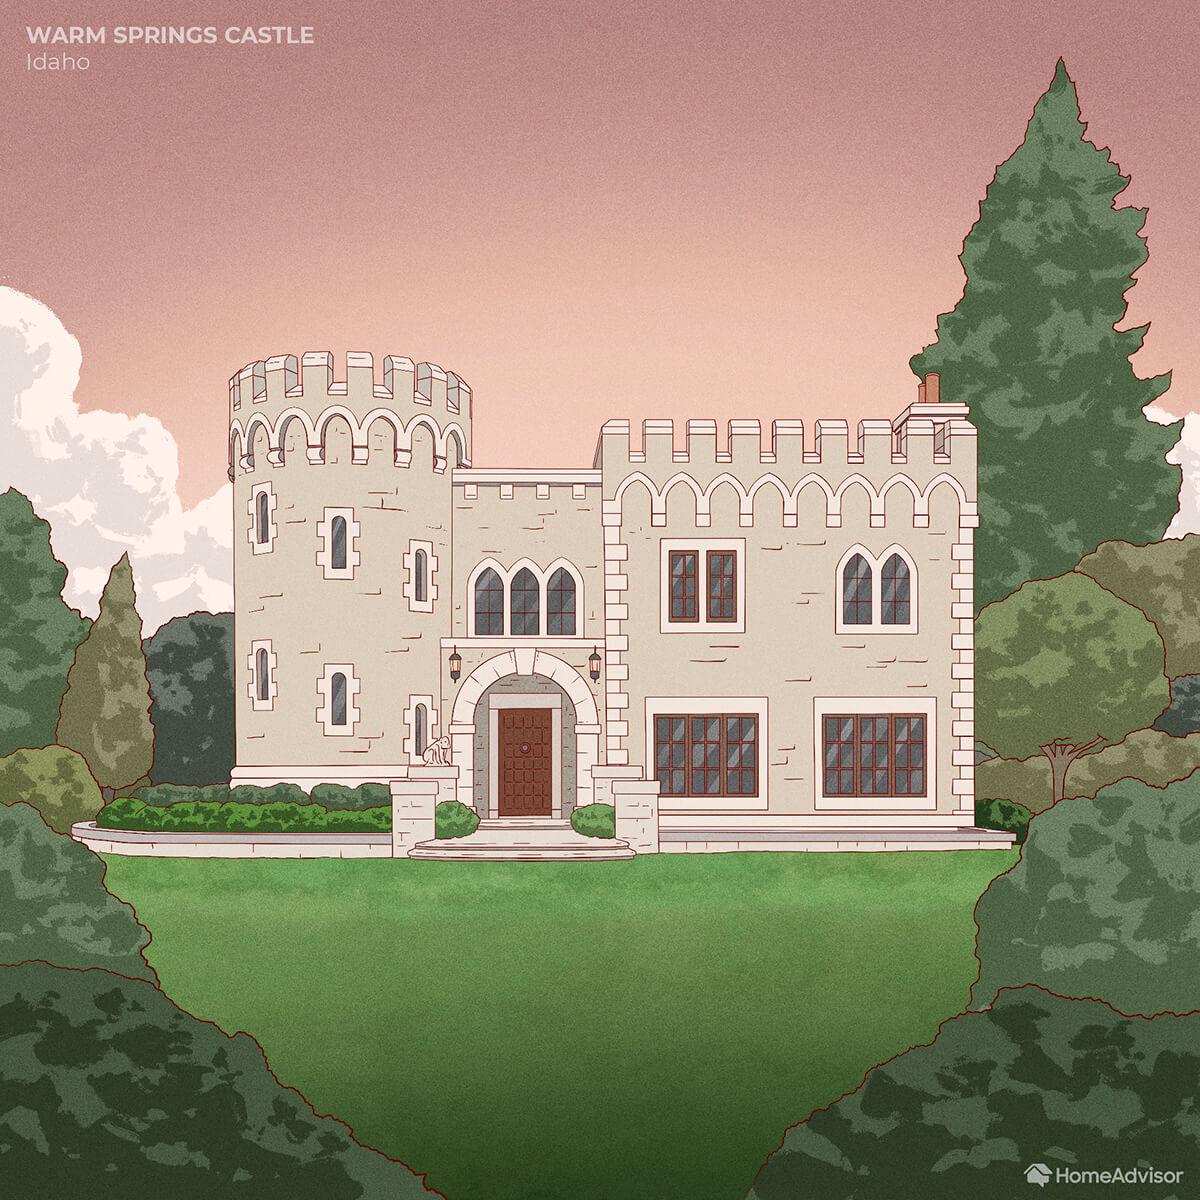 Warm Springs Castle